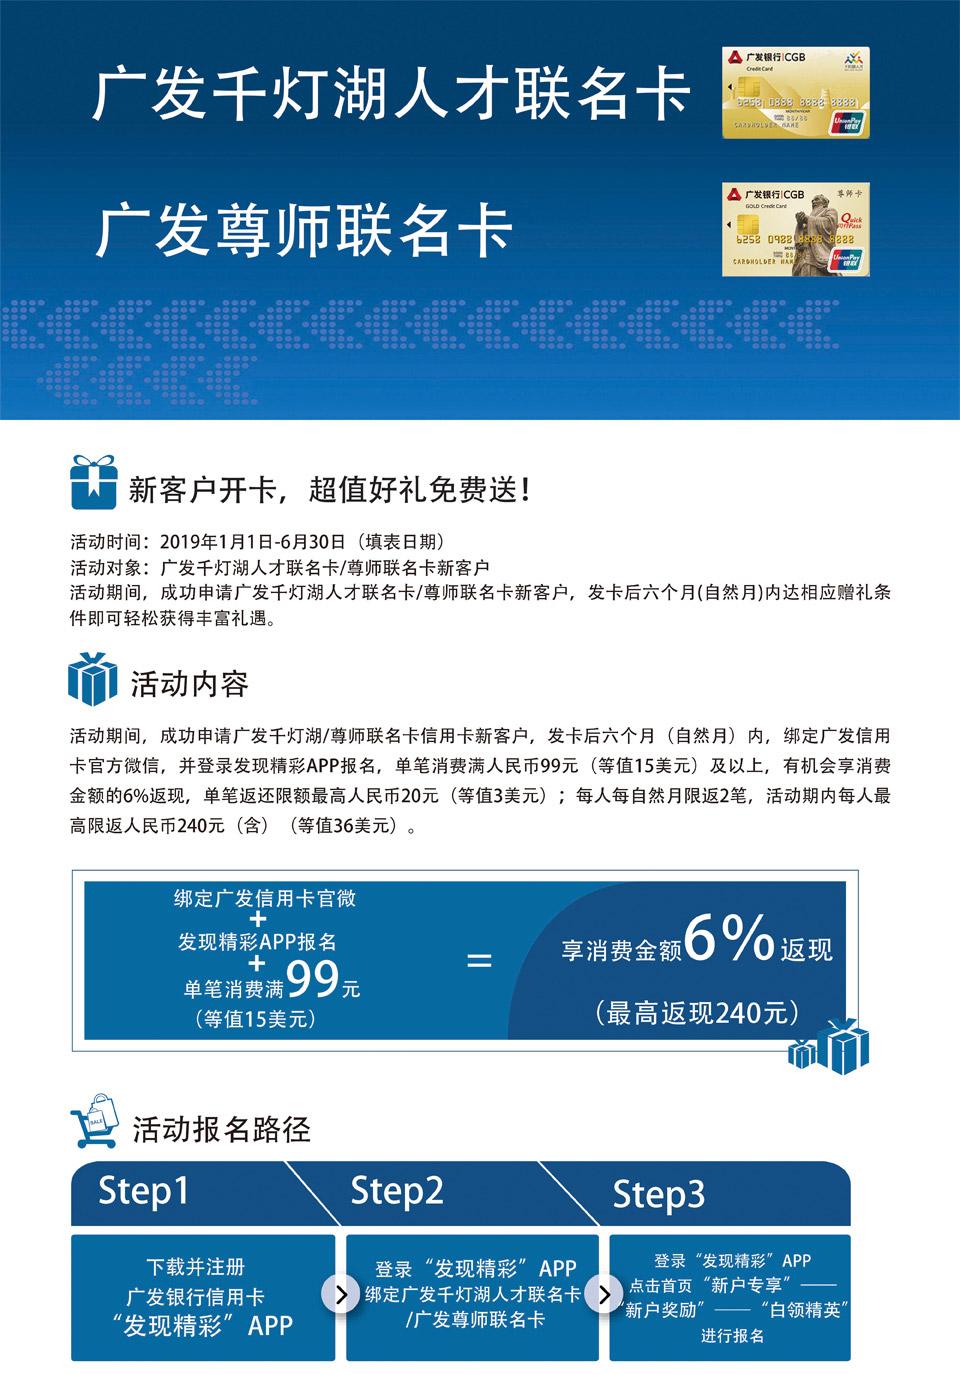 广发千灯湖人才联名信用卡、广发尊师联名信用卡新客户专享6%返现,最高享200元!